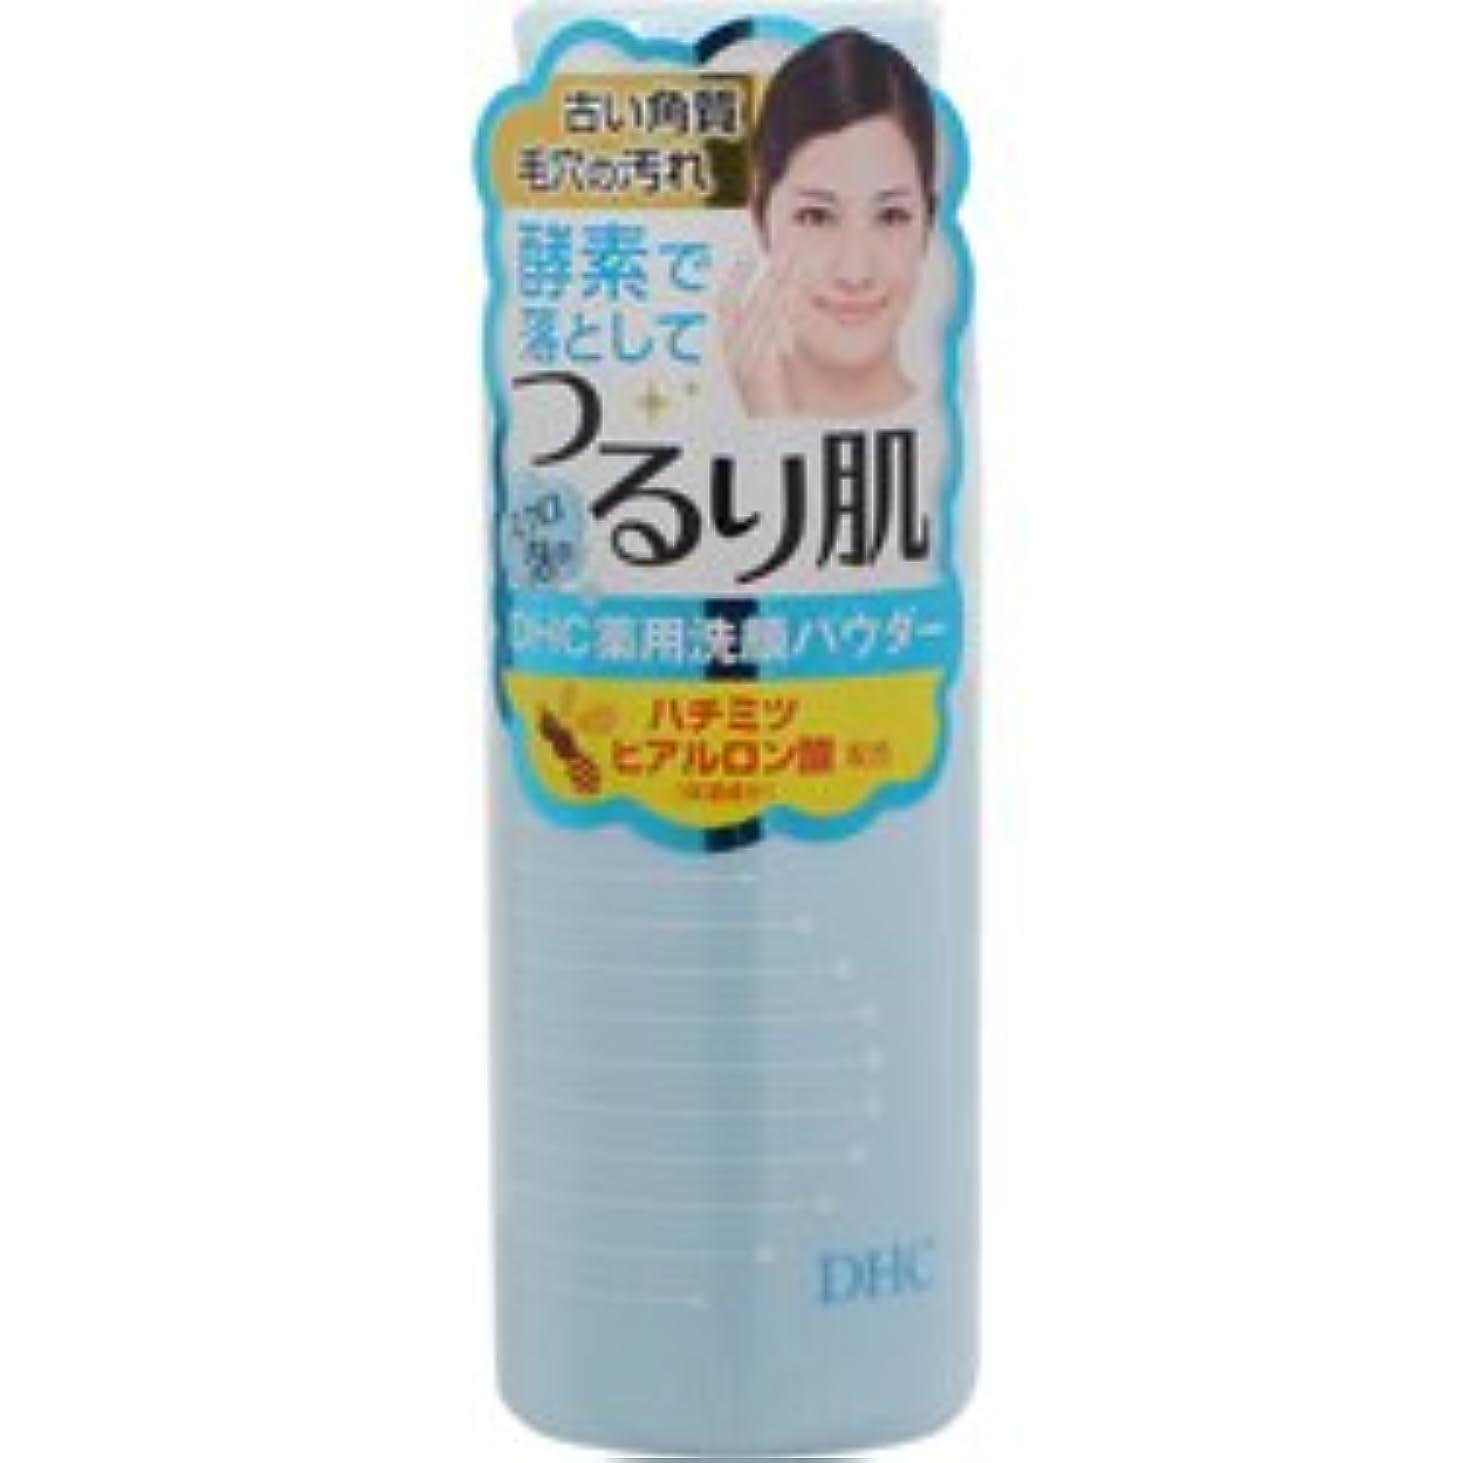 鼻浜辺放射する【DHC】薬用洗顔パウダーSS 50g ×10個セット